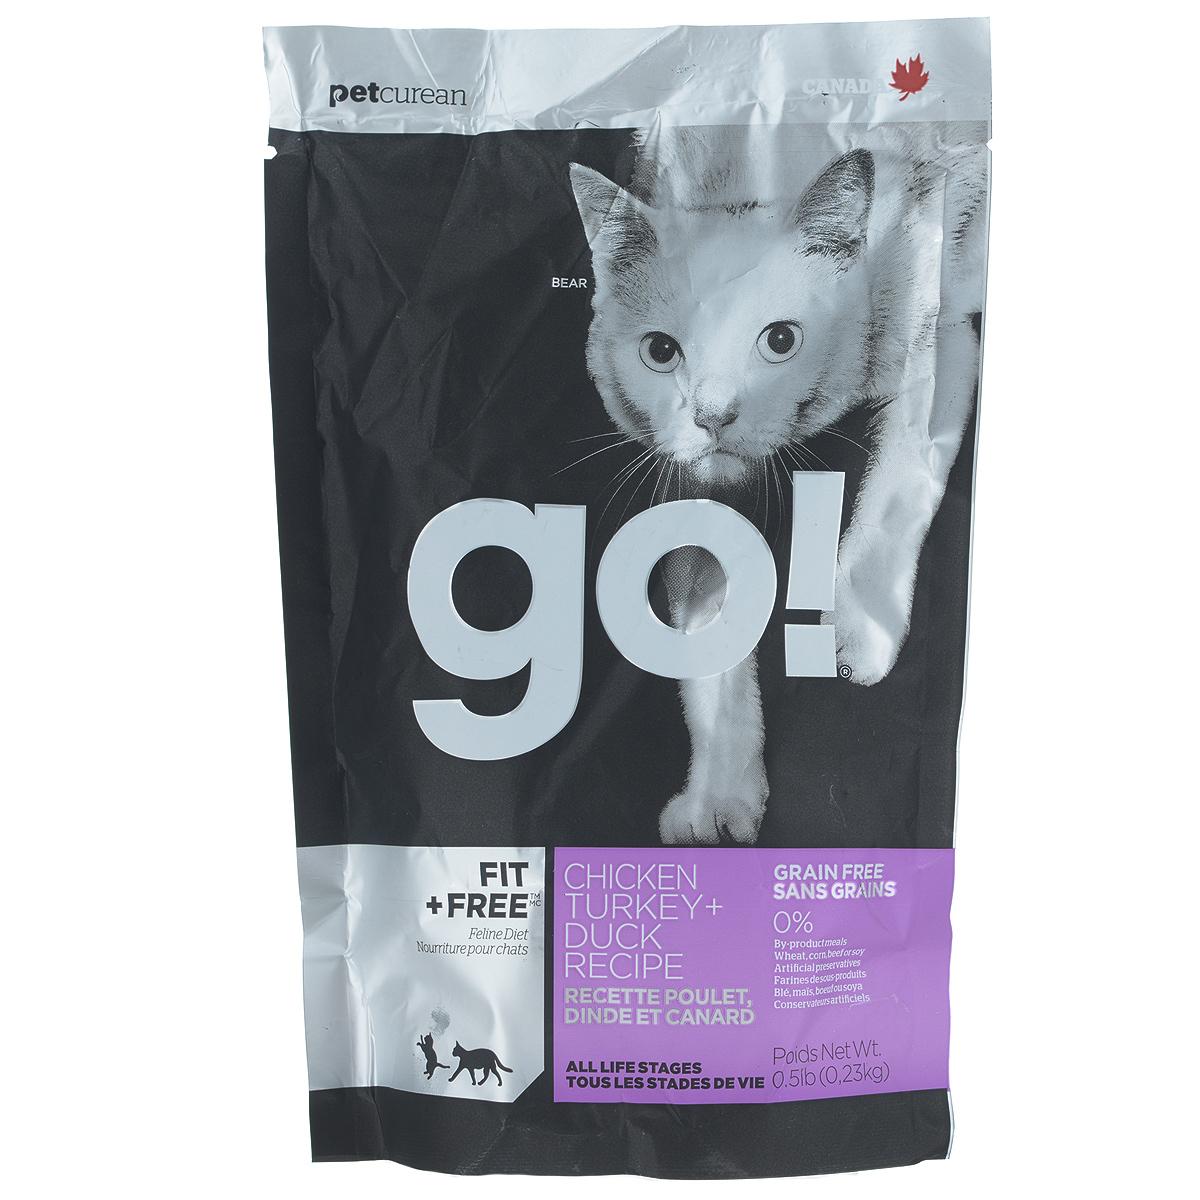 Корм сухой Go! для кошек и котят, беззерновой, с курицей, индейкой, уткой и лососем, 230 г0120710Беззерновой сухой корм Go! для котят и кошек - это корм со сбалансированным содержание белков и жиров. Ключевые преимущества:- Полностью беззерновой,- Небольшое количество углеводов гарантирует поддержание оптимального веса кошки,- Пробиотики и пребиотики обеспечивают здоровое пищеварение,- Не содержит субпродуктов, красителей, говядины, мясных ингредиентов, выращенных на гормонах,- Таурин необходим для здоровья глаз и нормального функционирования сердечной мышцы,- Докозагексаеновая кислота (DHA) и эйкозапентаеновая кислота (EPA) необходима для нормальной деятельности мозга и здорового зрения,- Омега-масла в составе необходимы для здоровой кожи и шерсти,- Антиоксиданты укрепляют иммунную систему.Состав: свежее мясо курицы, филе курицы, филе индейки, утиное филе, свежее мясо индейки, свежее мясо лосося, филе форели, куриный жир (источник витамина Е), натуральный рыбный ароматизатор, горошек, картофель, свежие цельные яйца, картофельная мука, тапиока, филе лосося, филе утки, масло лосося, тыква, яблоки, морковь, бананы, черника, клюква, чечевица, брокколи, шпинат, творог, люцерна, сладкий картофель, ежевика, папайя, ананас, фосфорная кислота, хлорид натрия, хлорид калия, DL-метионин, таурин, холин хлорид, сушеный корень цикория, Lactobacillus, Enterococcusfaecium, Aspergillus, витамины (витамин А , Витамин D3, витамин Е, никотиновая кислота, инозит, L-аскорбил-2-полифосфатов (источник витамина С), тиамина мононитрат, D-пантотенат кальция, рибофлавин, пиридоксин гидрохлорид, бета-каротин, фолиевая кислота, биотин, витамин В12), минералы (цинка протеинат, железа протеинат, меди протеинат, оксид цинка, марганца протеинат, сульфат меди, йодат кальция, сульфат железа, оксид марганца, селенит натрия), экстракт юкка Шидигера, дрожжевой экстракт, сушеный розмарин.Гарантированный анализ: белки 46%, жиры 18%, клетчатка 1,5%, влажность (max) 10%, зола (max) 9%, фосфор 1,1%, магний 0,